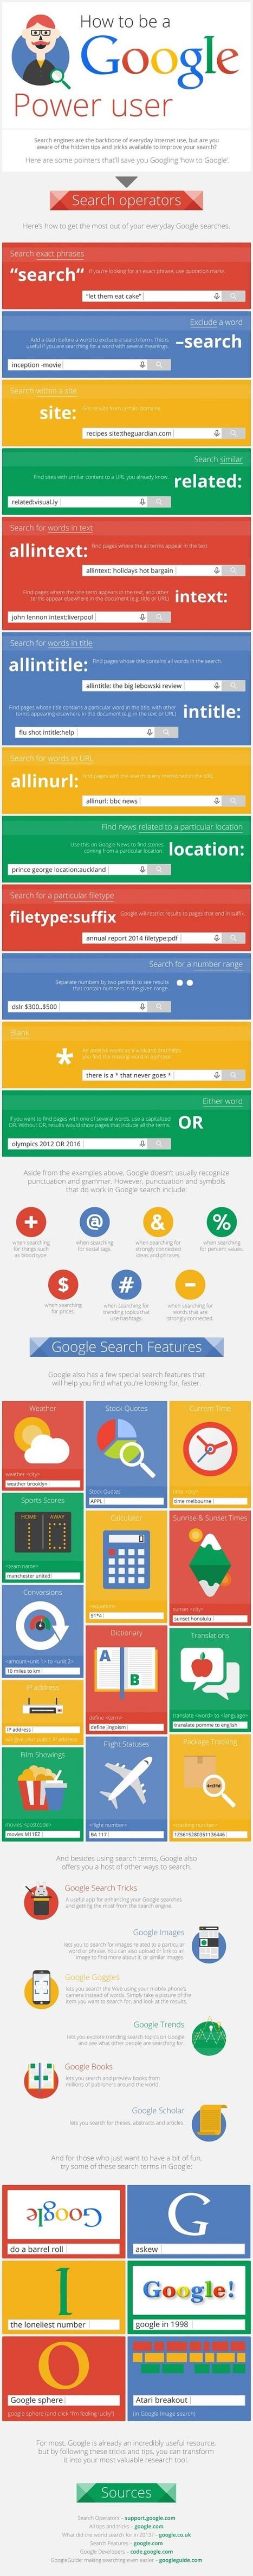 Une infographie pour devenir un expert de la recherche Google | Boite à outils pour pedago web | Scoop.it